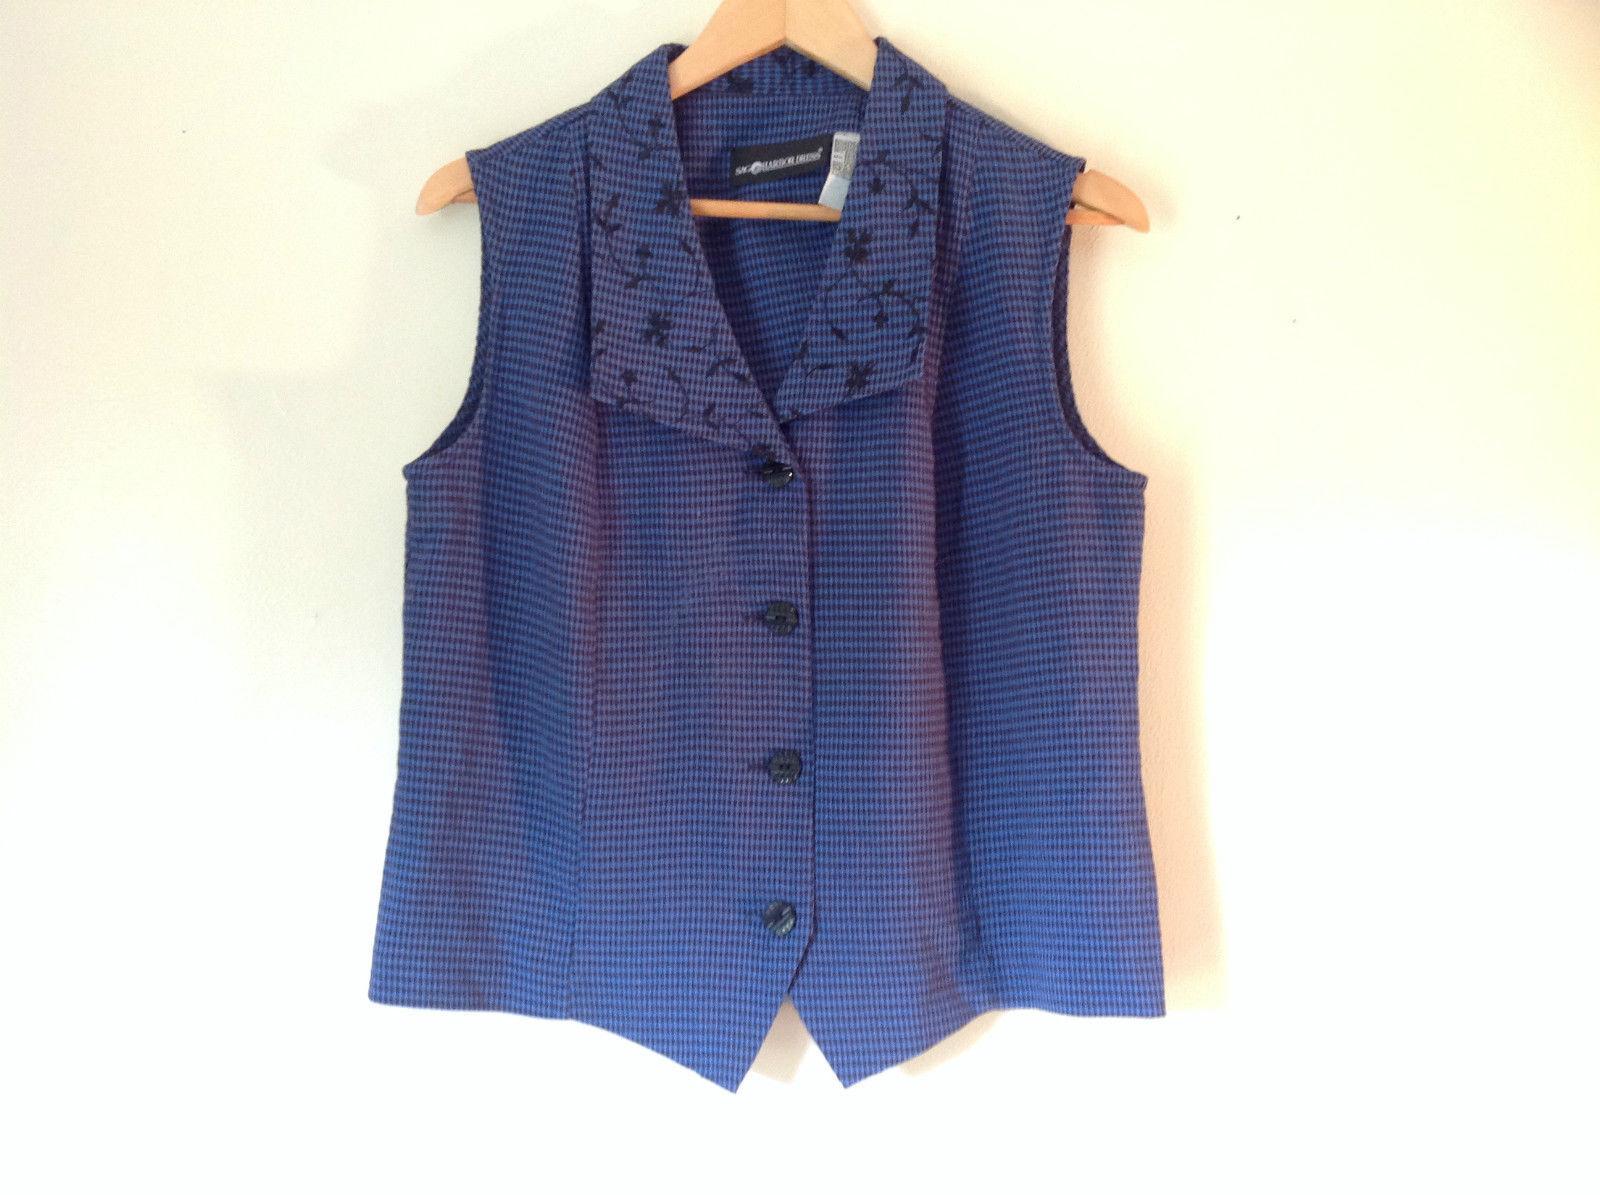 Sag Harbor Blue Vest Size 10 Plaid Floral Pattern Four Front Button Closure